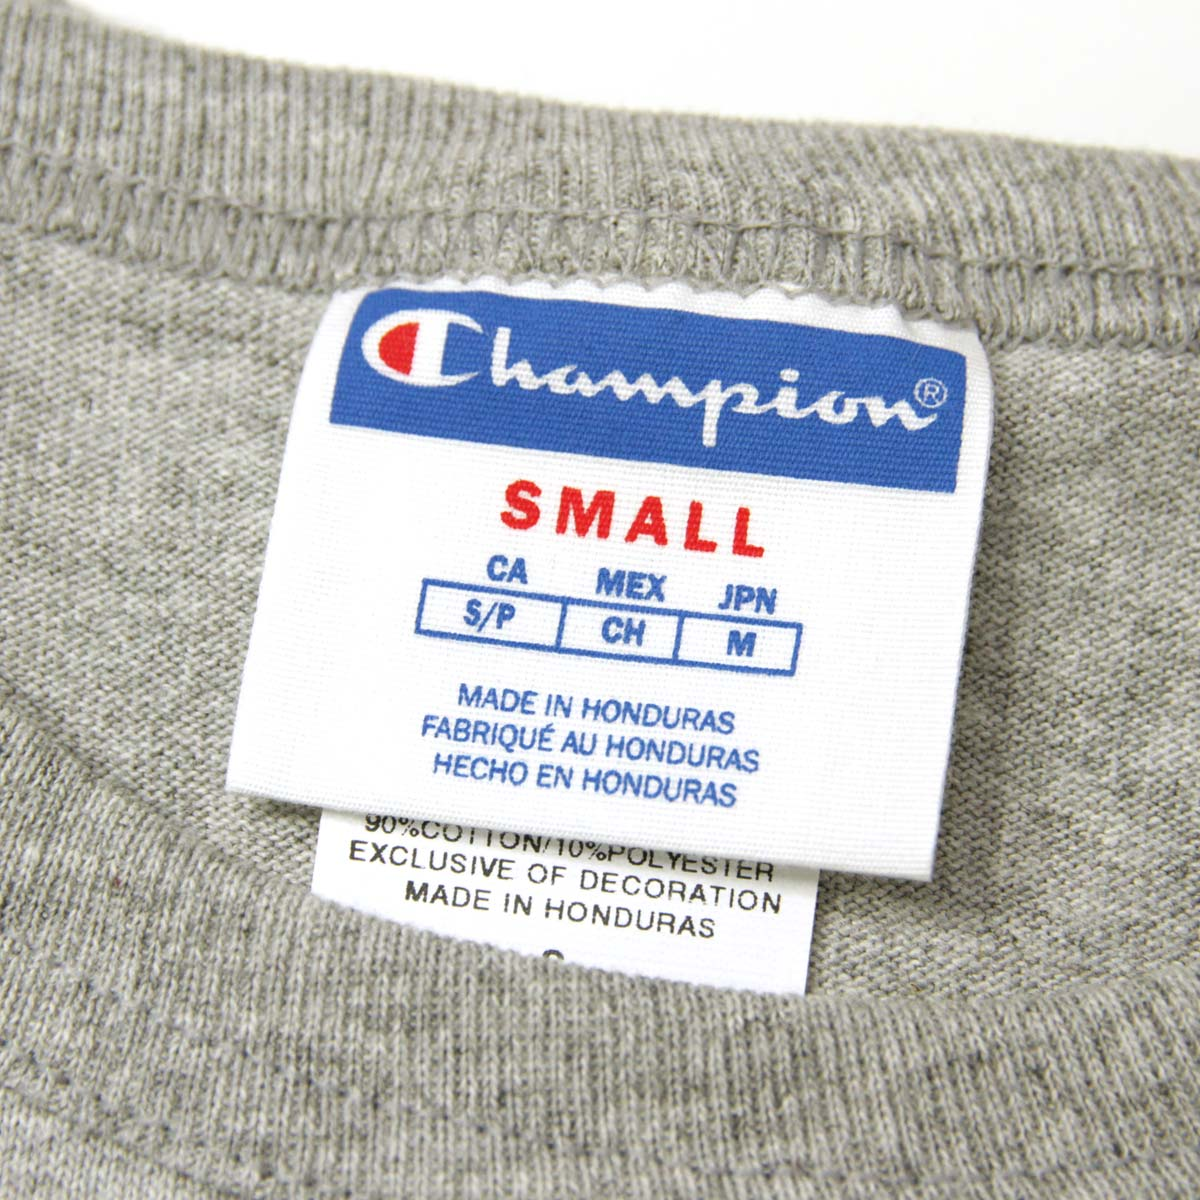 チャンピオン CHAMPION 正規品 メンズ 半袖Tシャツ CREW TEE T1919 Heritage Tee 806-OXFORDGREY